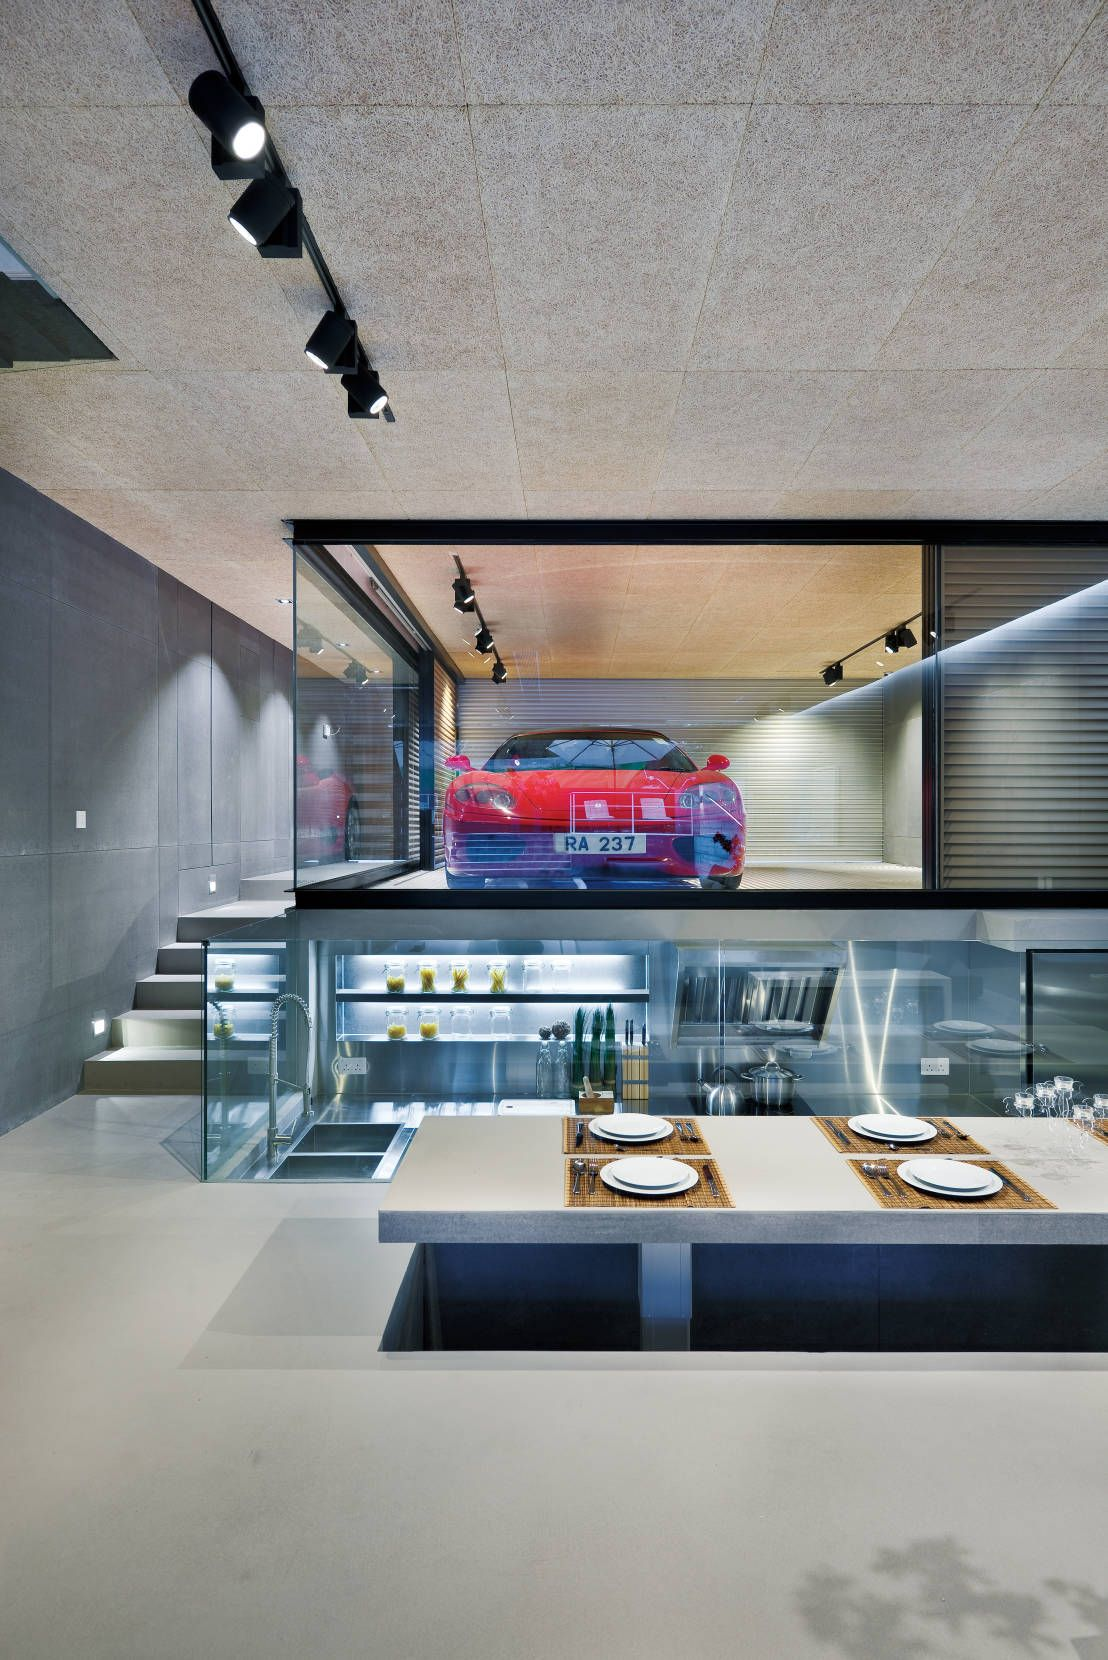 Garage gestalten  7 Möglichkeiten, eine schöne Garage zu gestalten | Garage ...